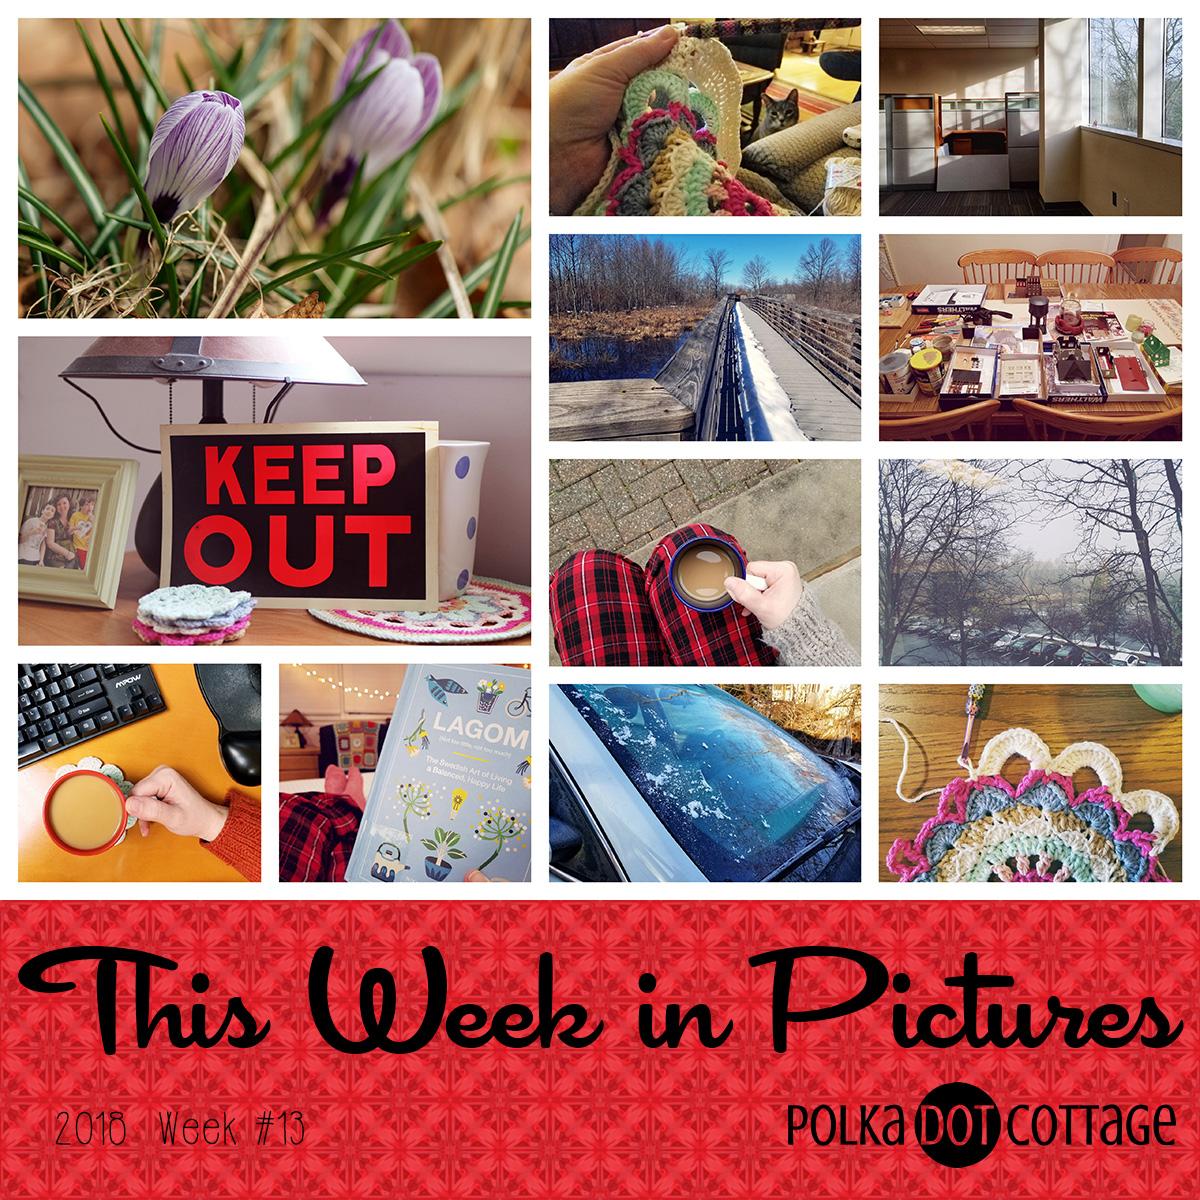 This Week in Pictures, Week 13, 2018